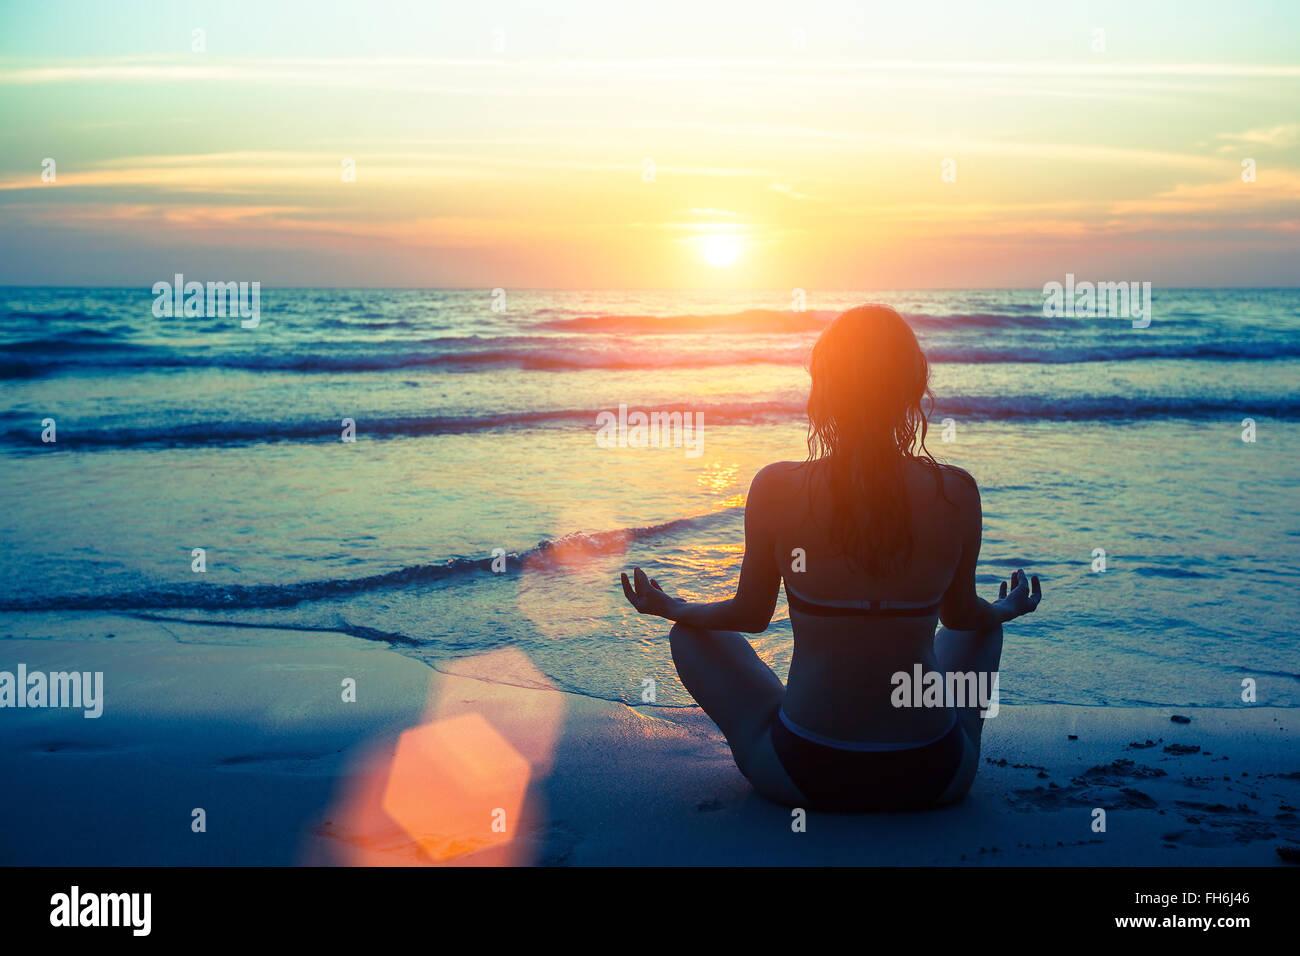 Mujer silueta yoga en la playa durante la puesta de sol. Imagen De Stock